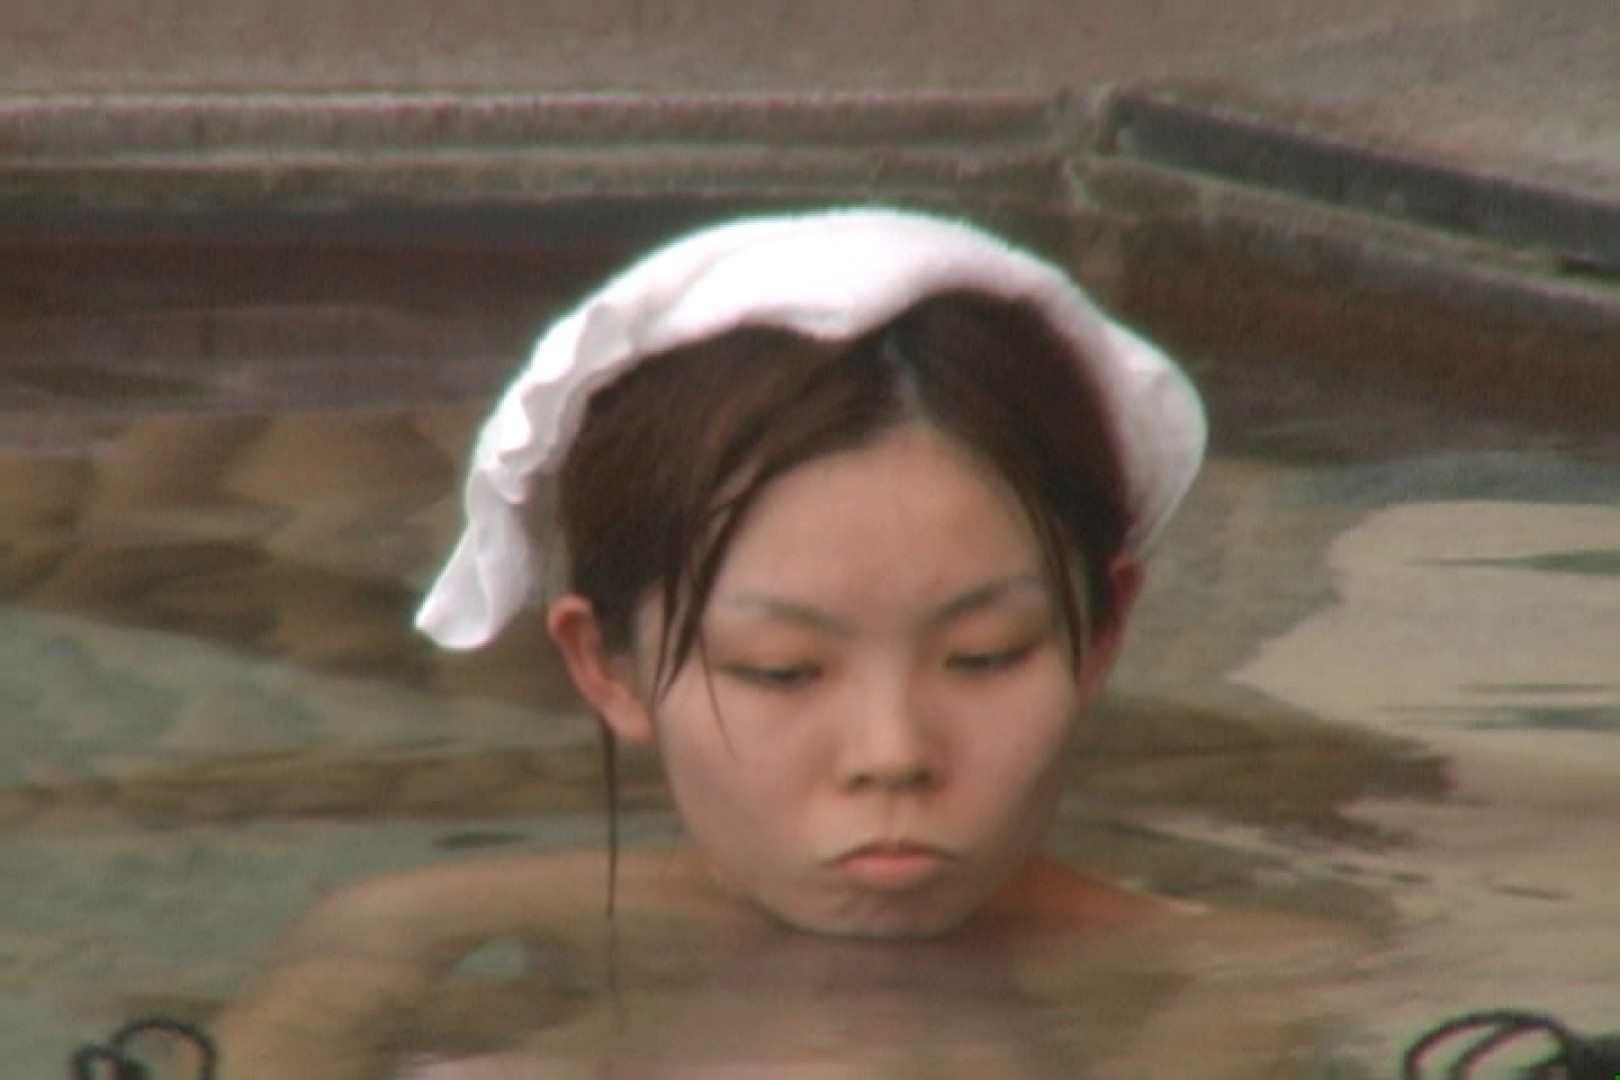 Aquaな露天風呂Vol.580 0  103pic 56